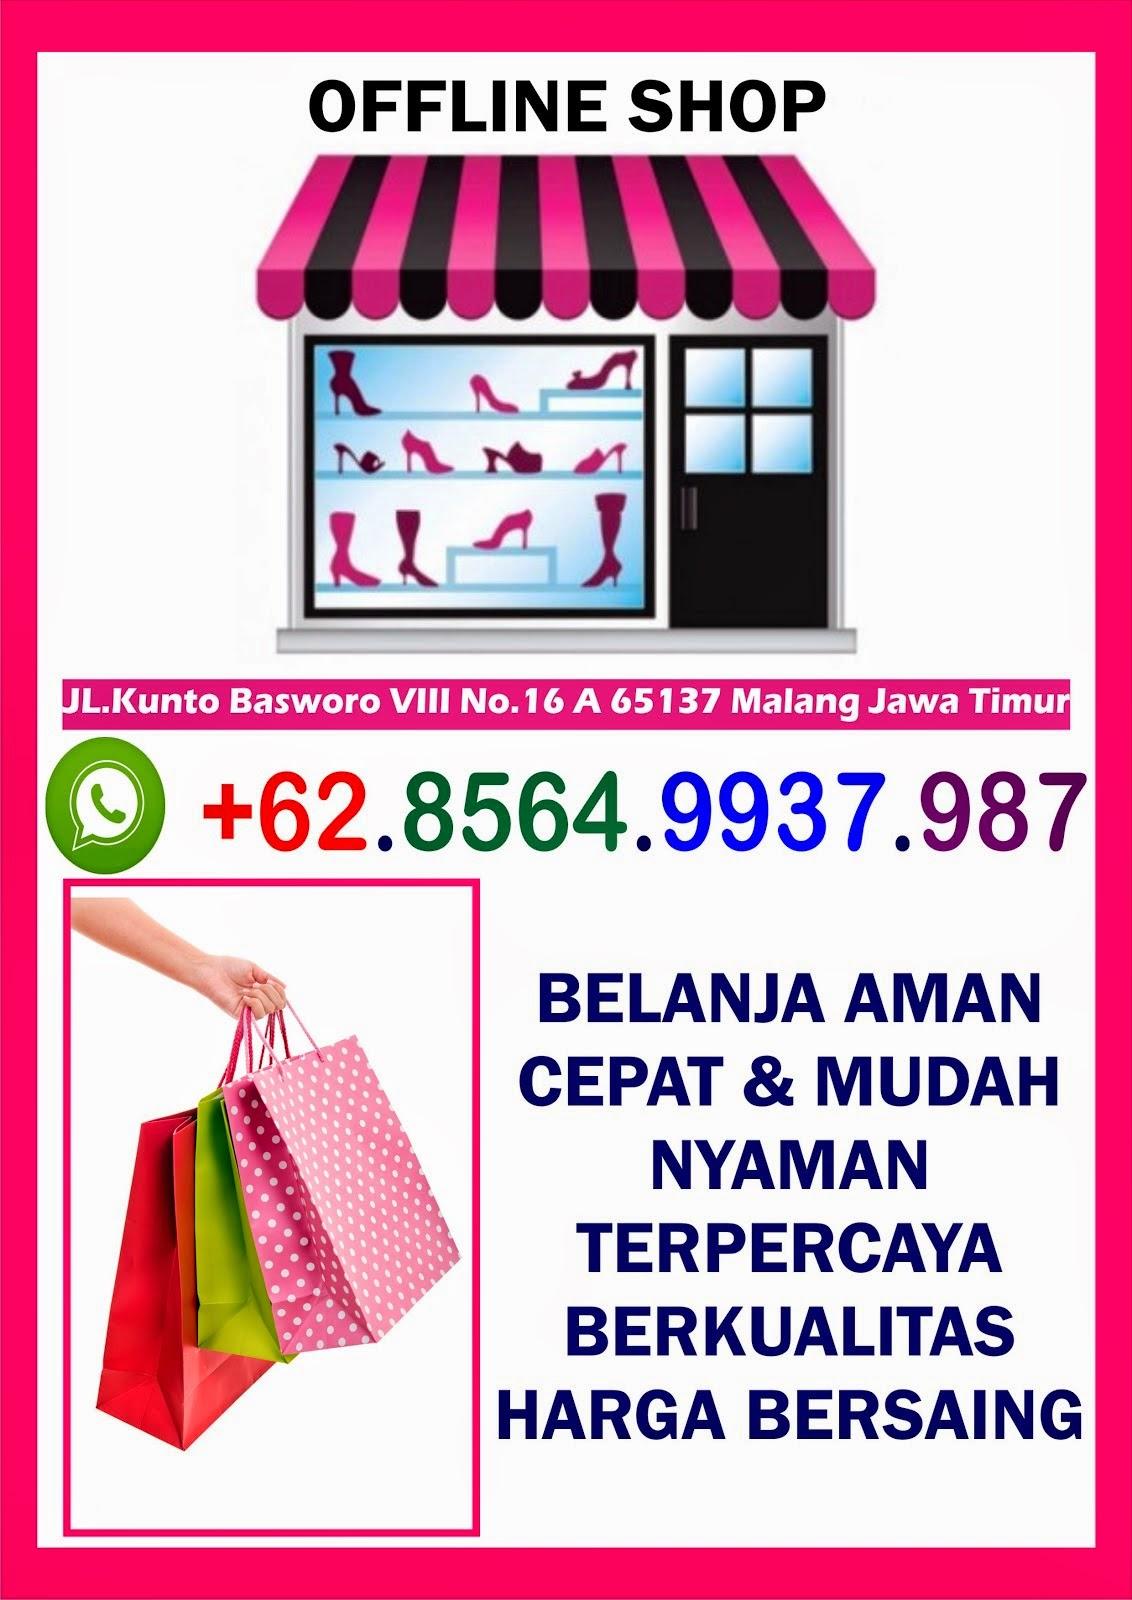 Alamat Toko/Shop